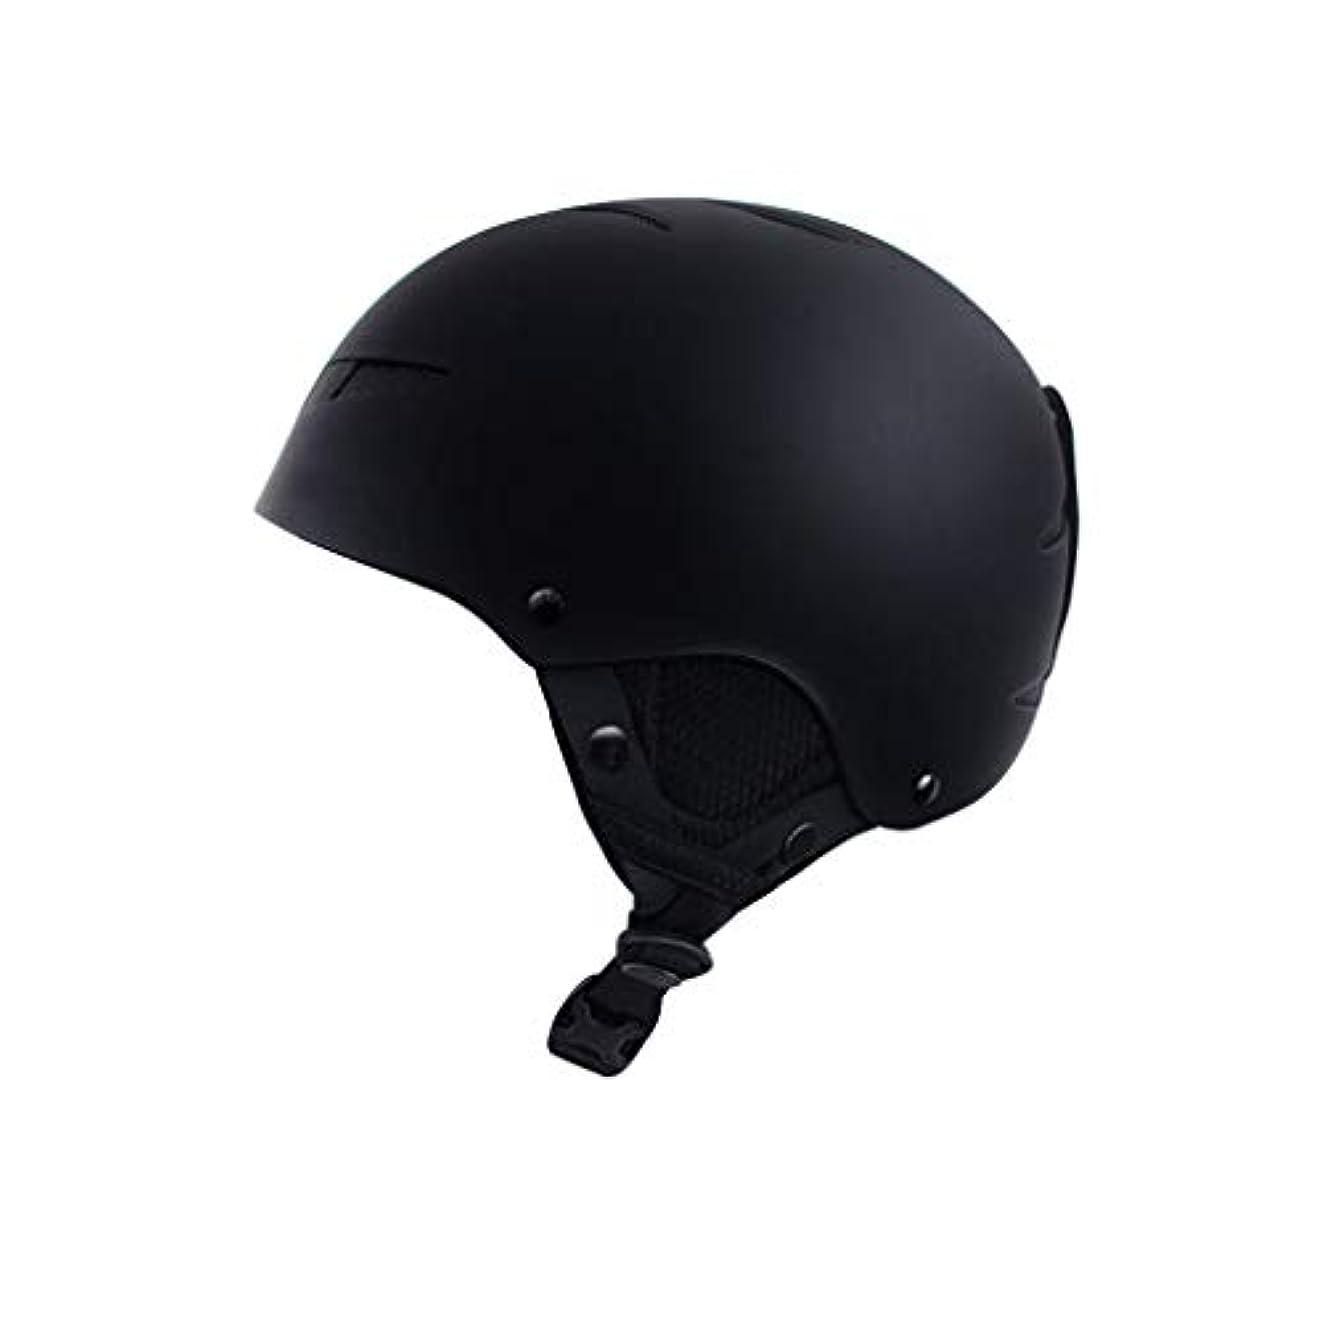 ストッキング支出噴出するスキー&スノーボードヘルメット、スキー用保護安全帽男性女性スケートボードスケートヘルメットシングルボードダブルボード